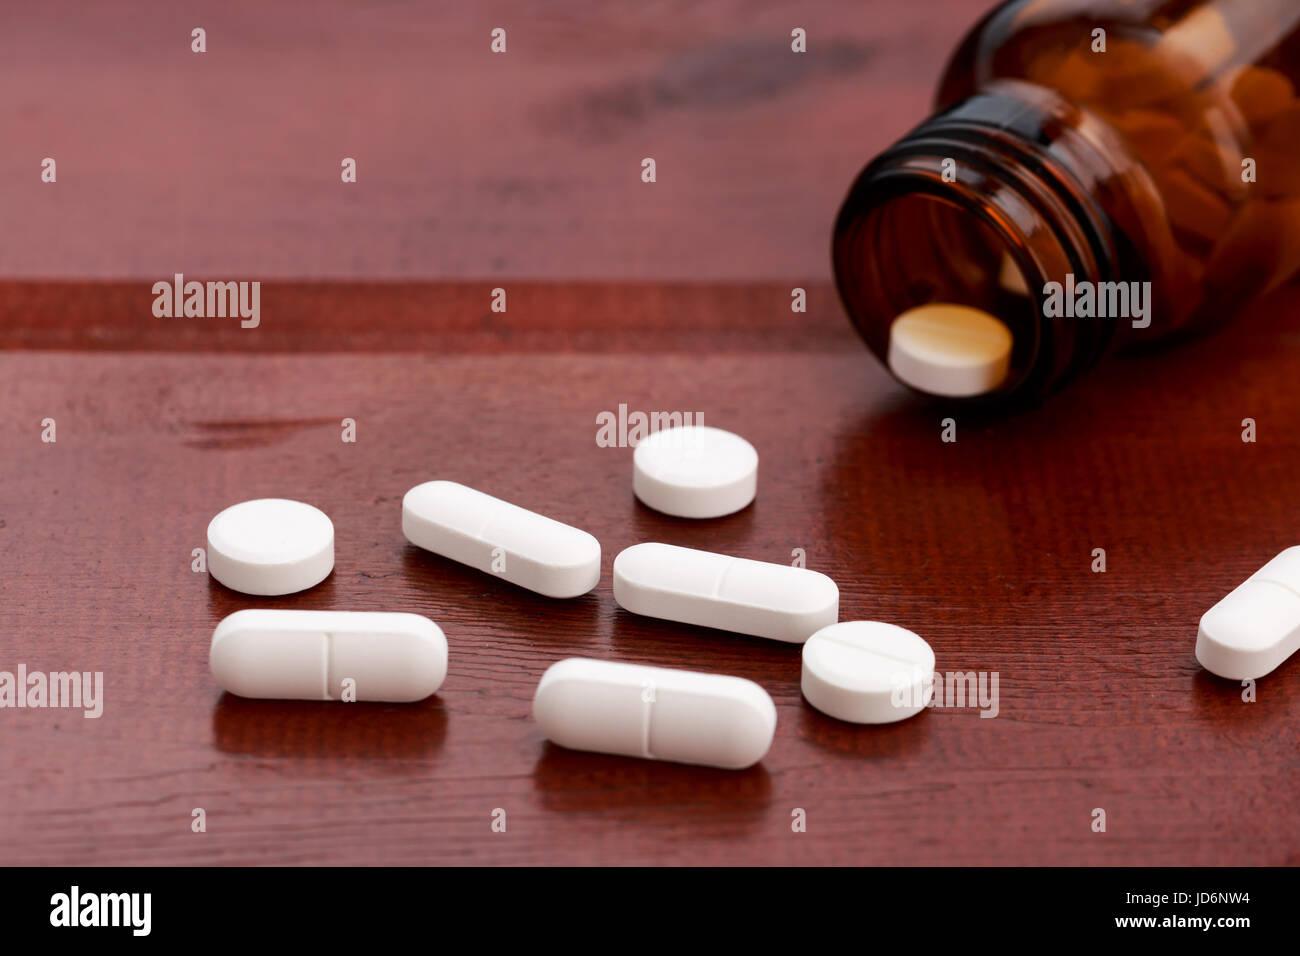 Frascos de píldoras marrones y montón de pastillas de color blanco sobre la mesa de madera Imagen De Stock